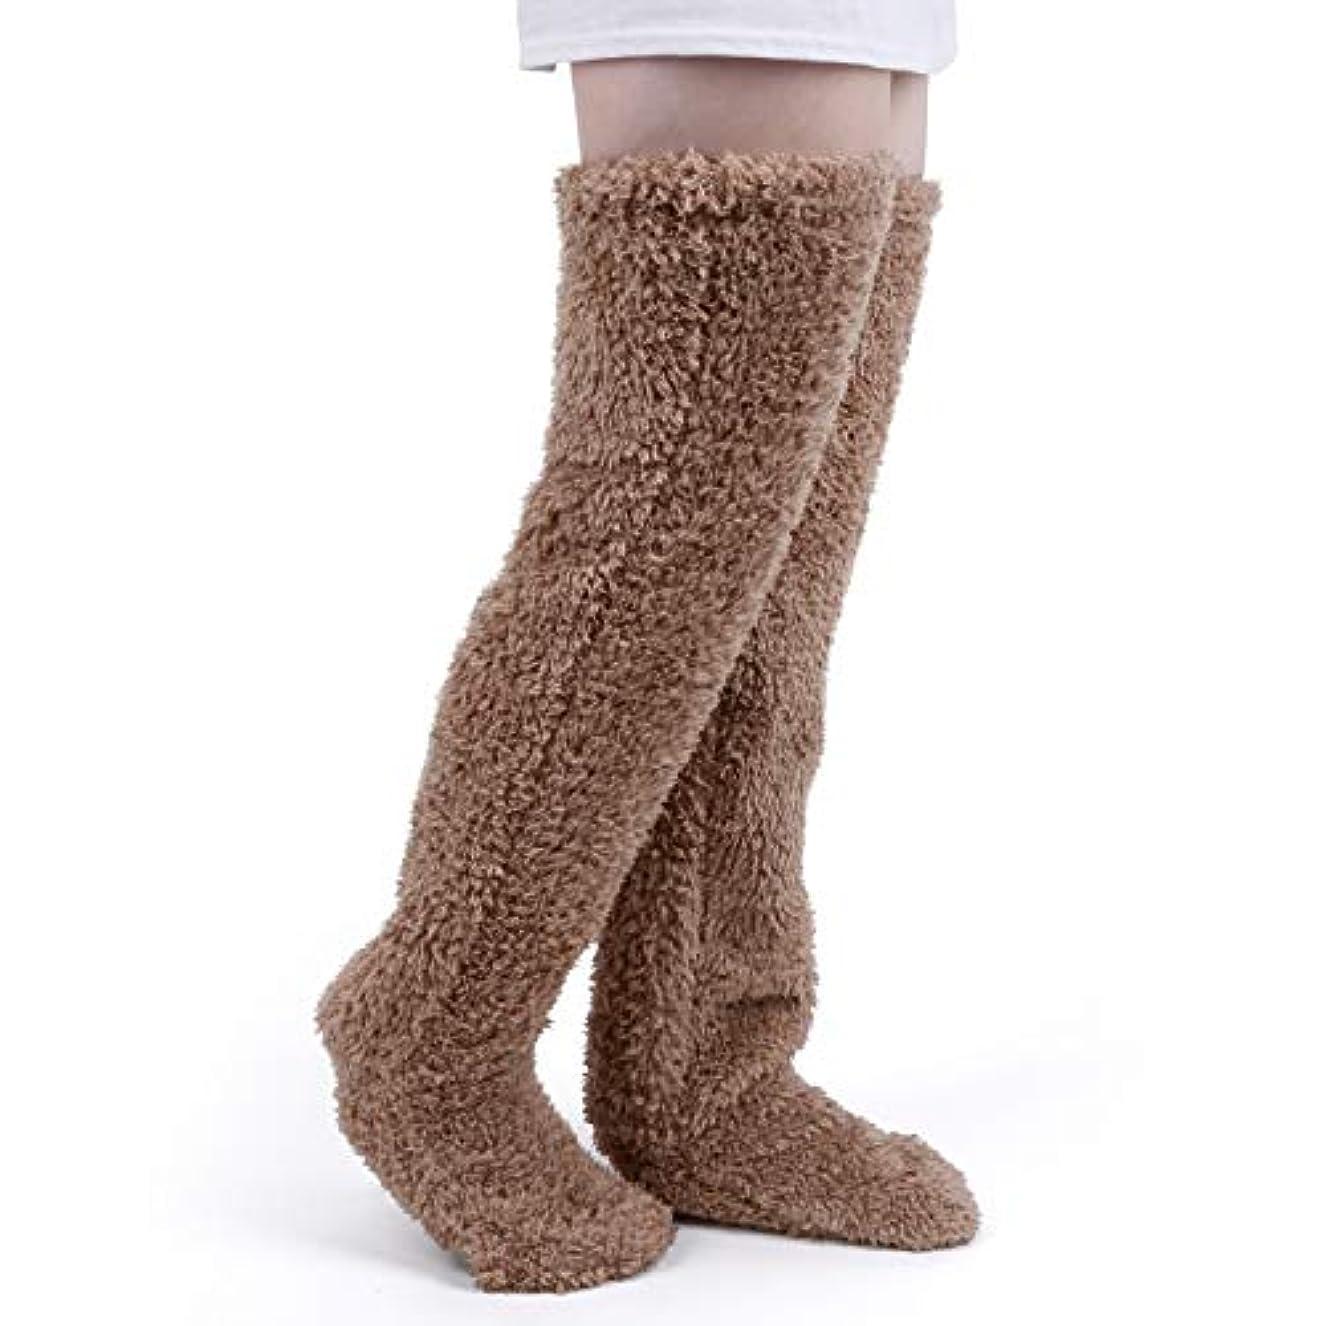 幽霊便益バルーン極暖 足が出せるロングカバー HIMETSUYA ルームシューズ ルームソックス あったかグッズ ロングカバー 冷え性 靴下 ソックス 足の大きさ23~26.5cmまで (茶褐色)